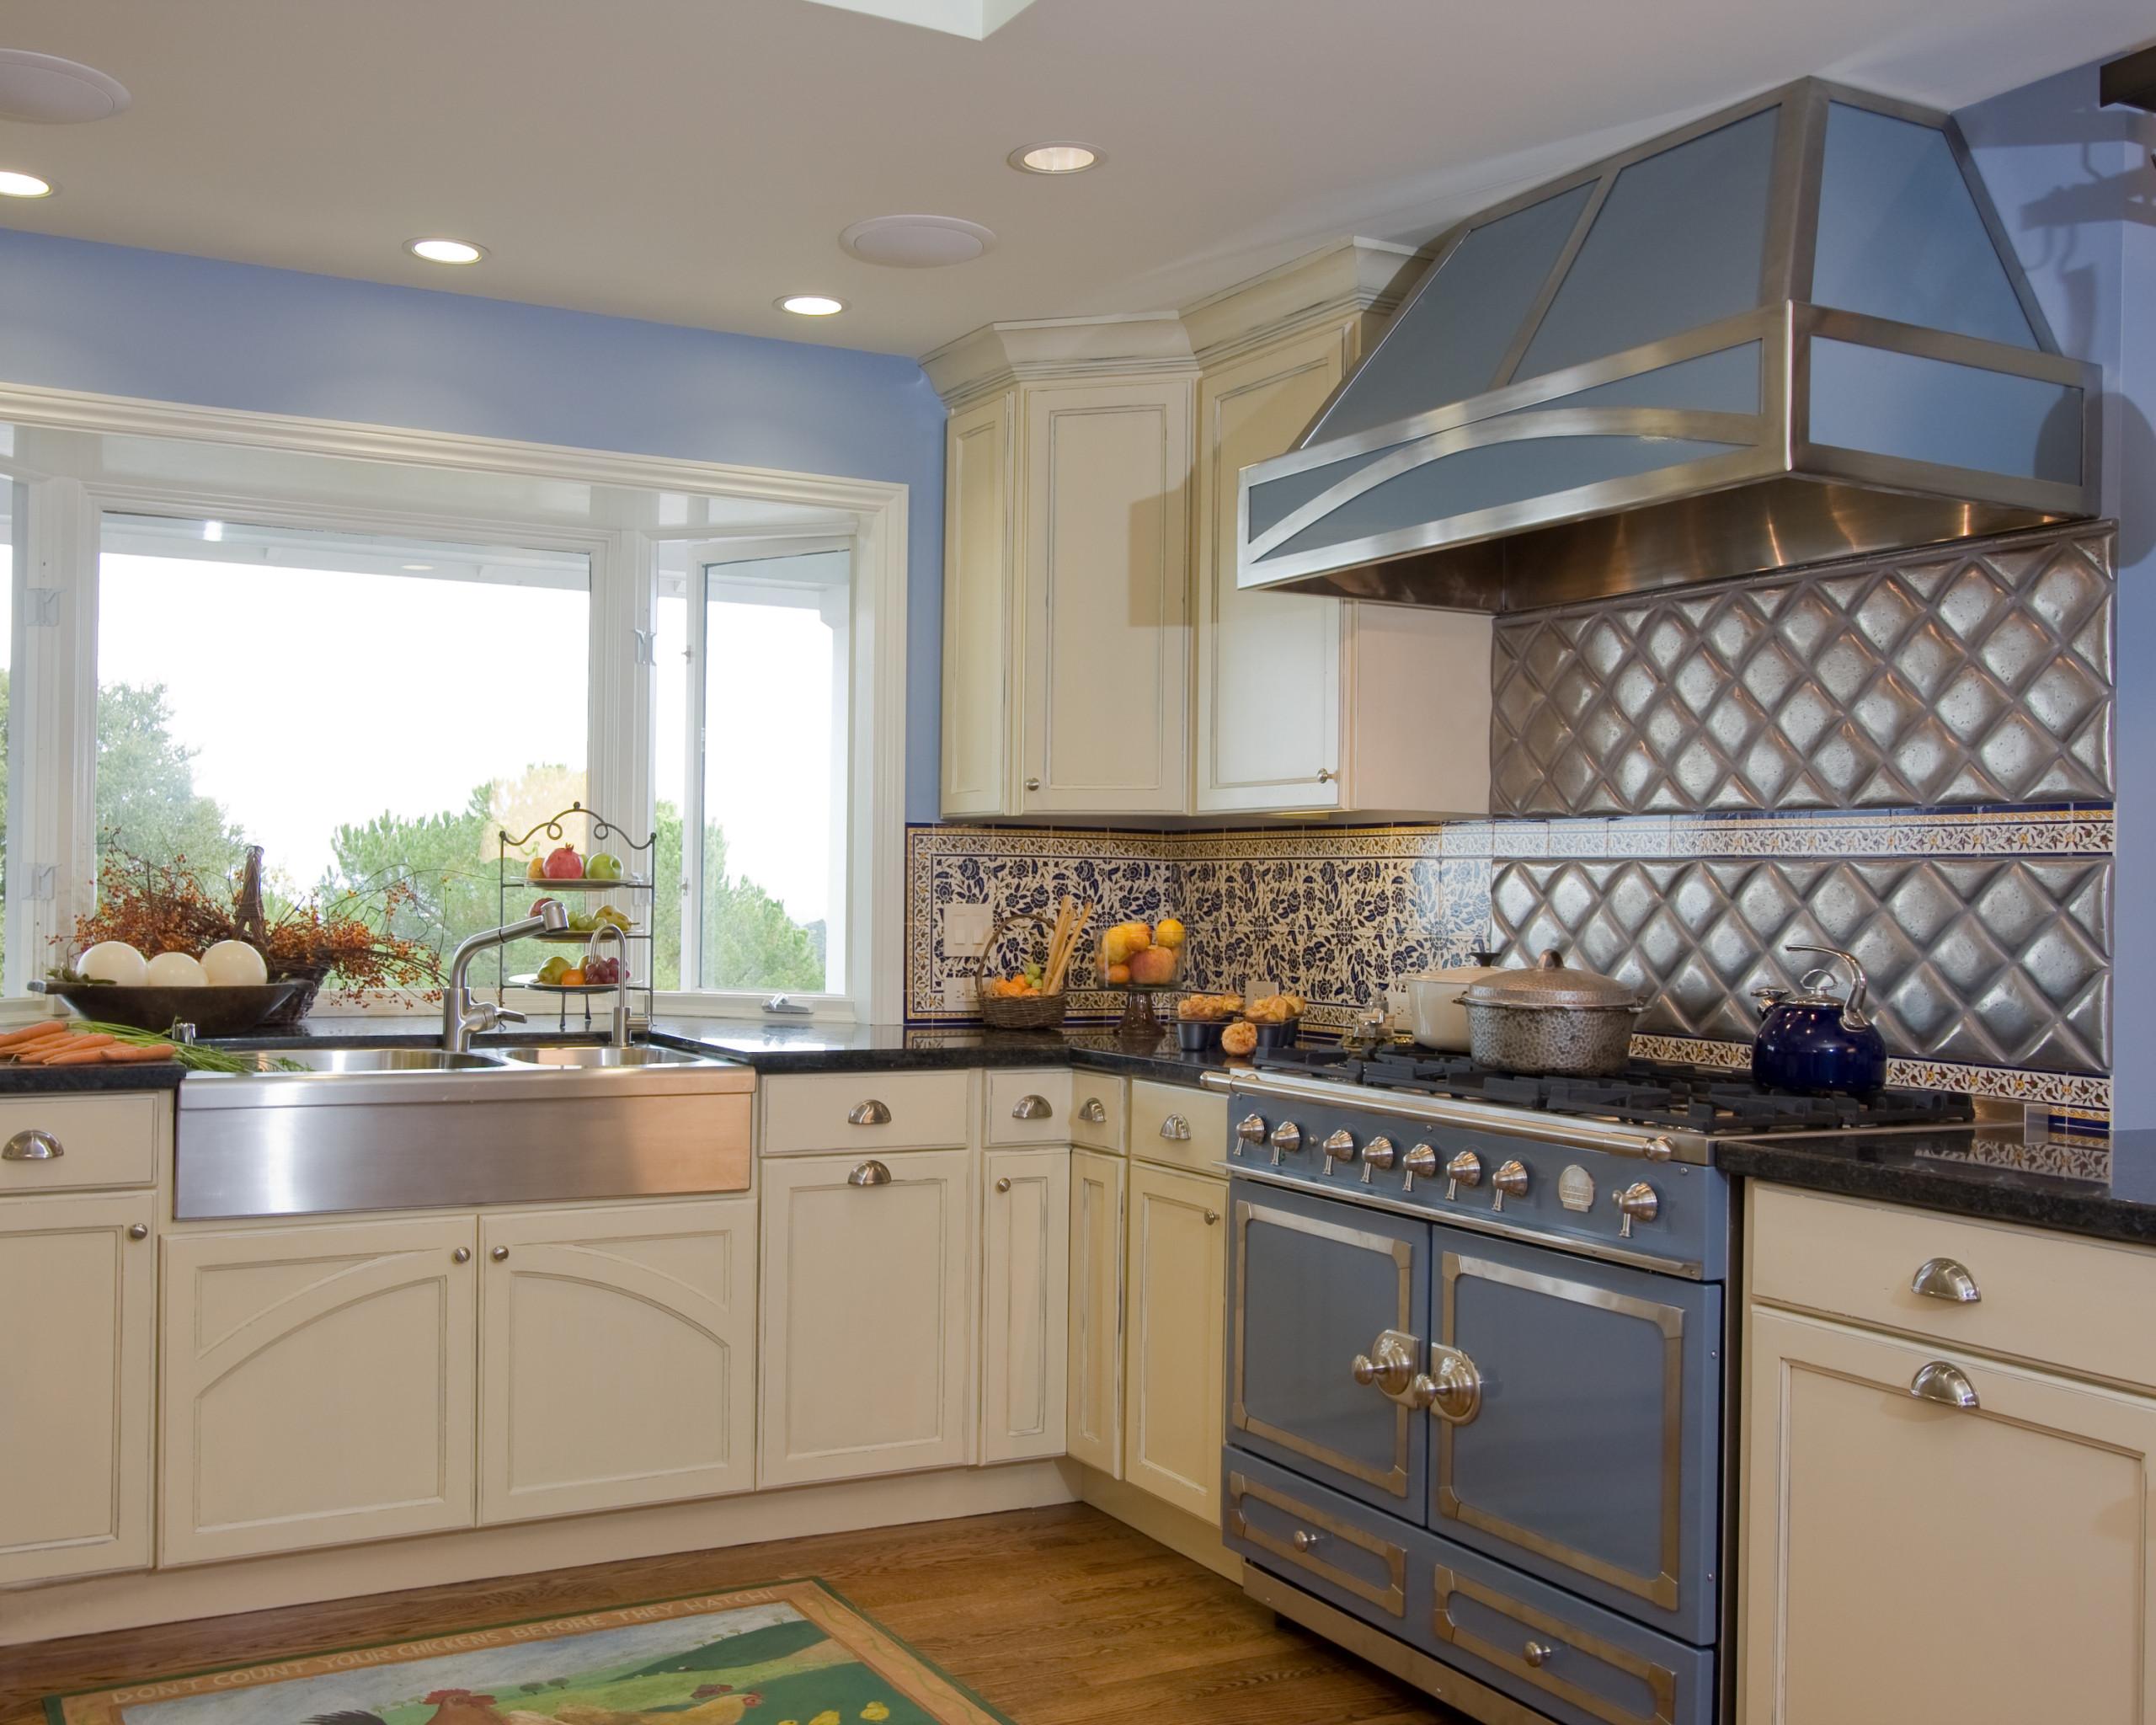 Los Altos Hills Mediterranean Kitchen